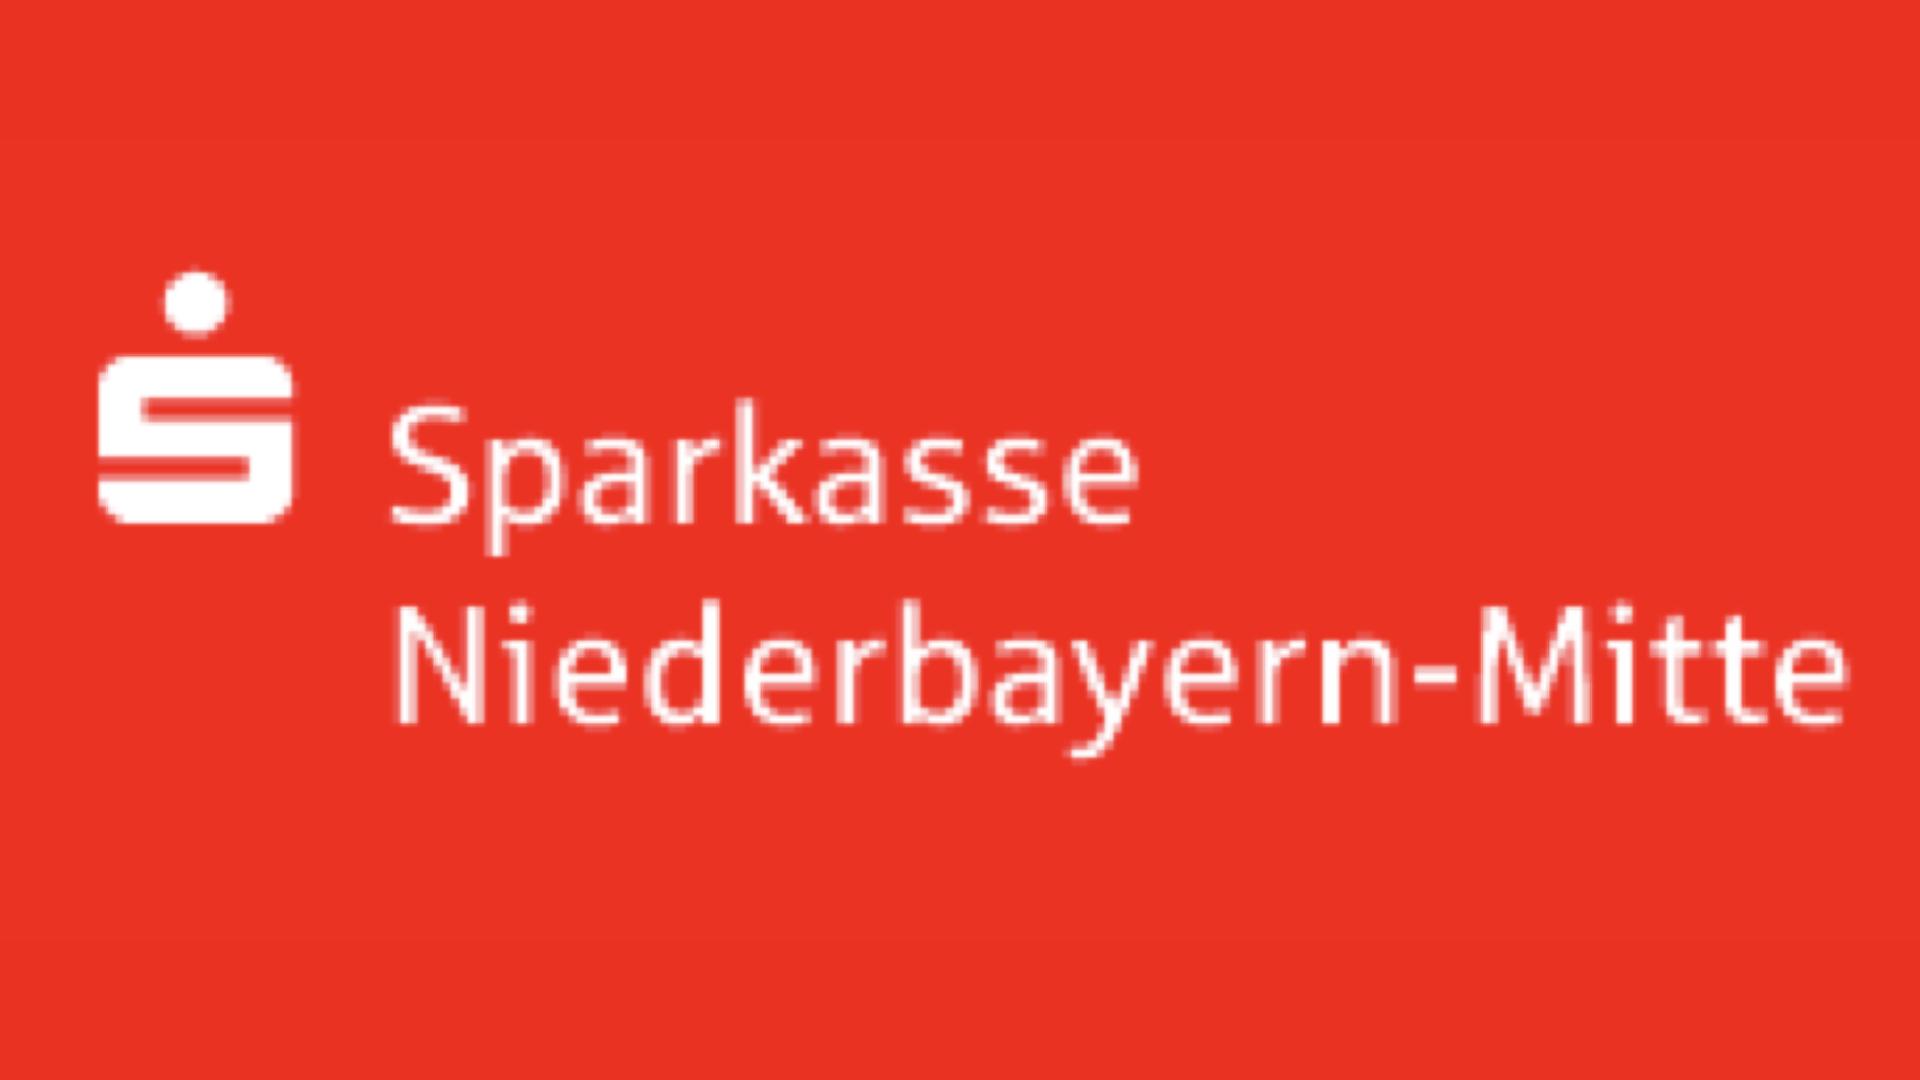 Sparkasse Niederbayern Mitte